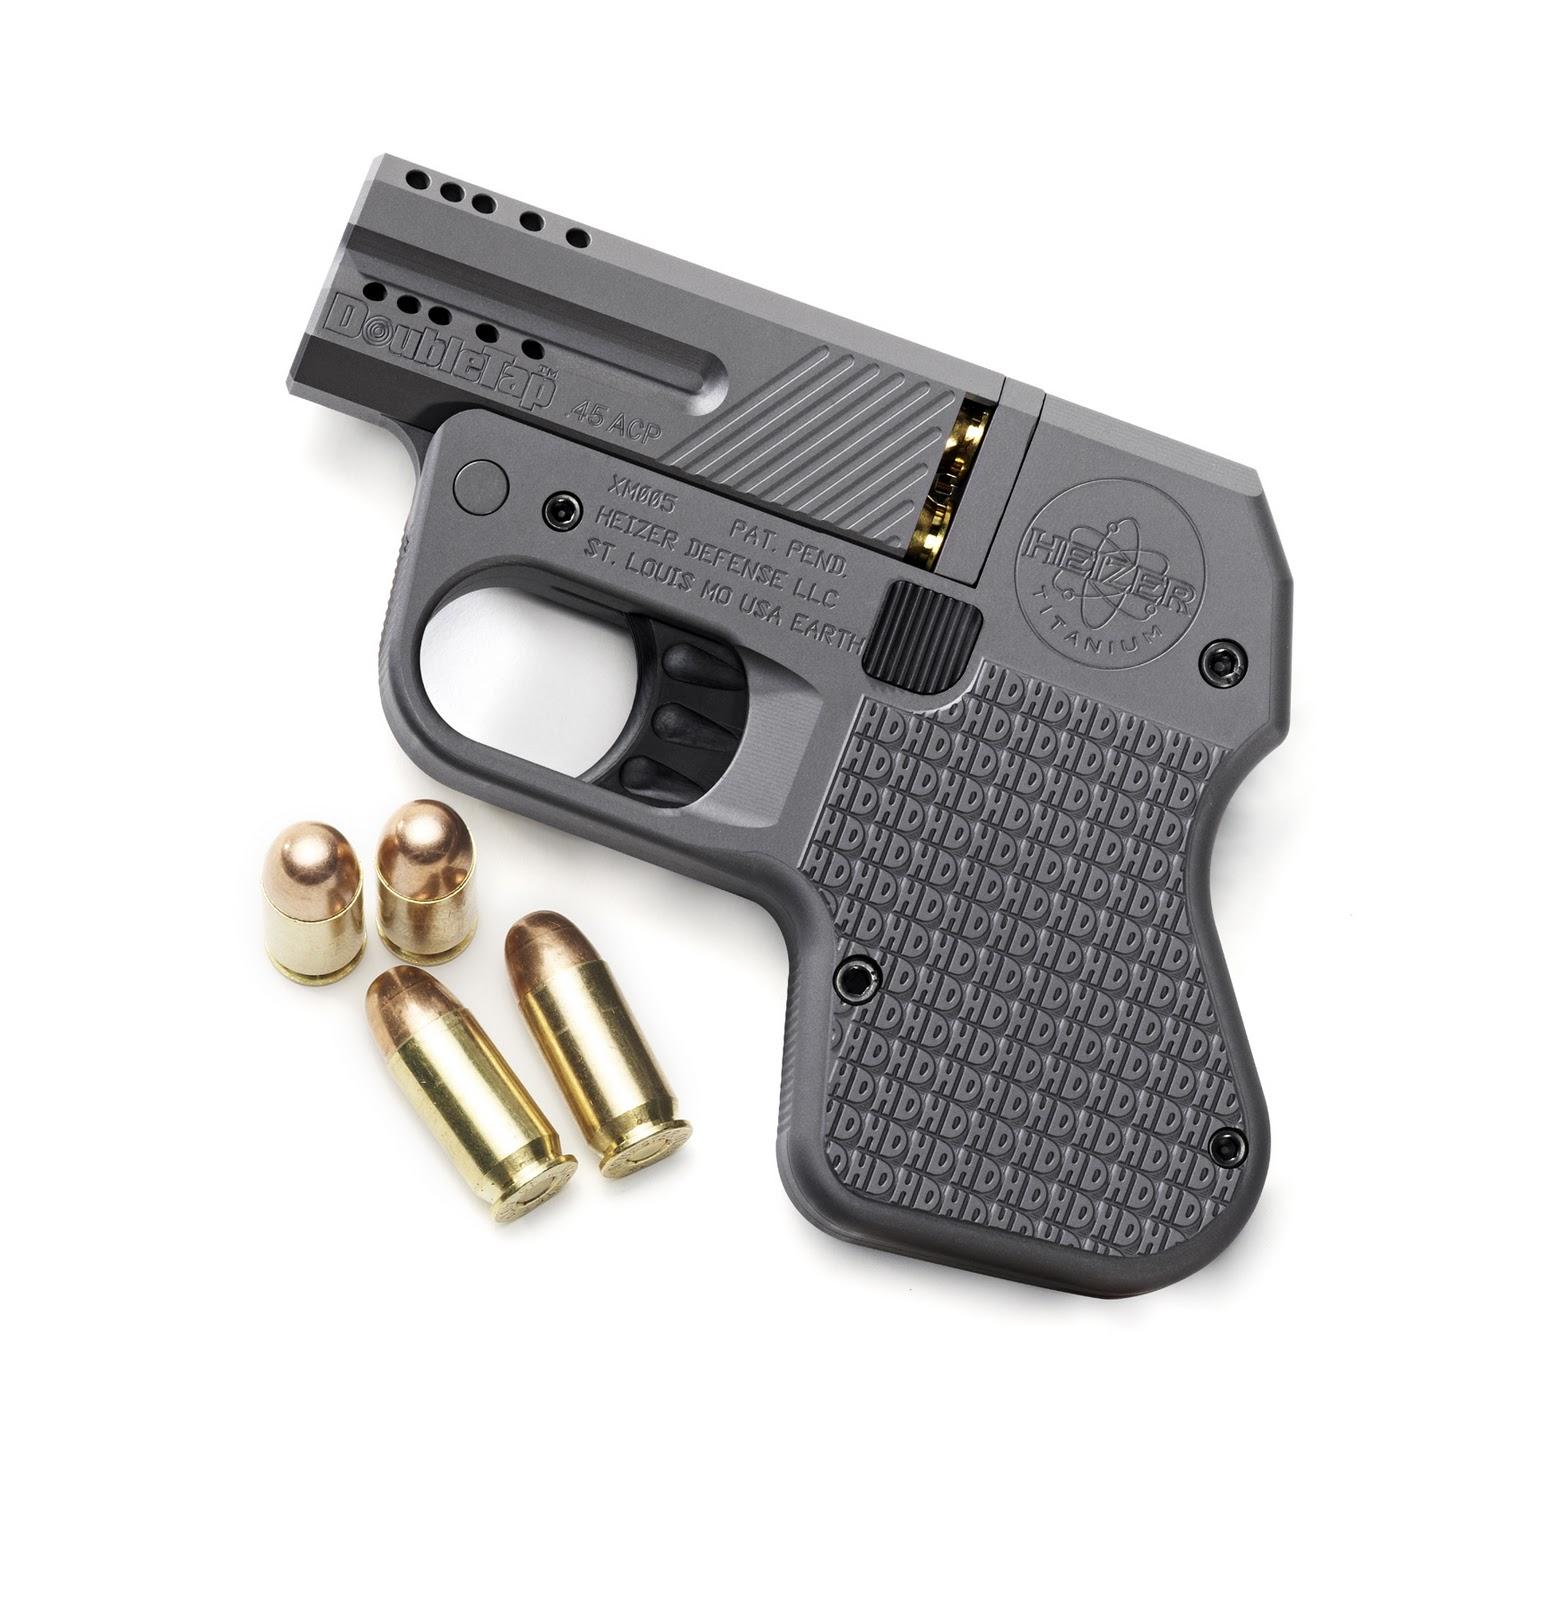 Πιστόλι DoubleTap Heizer -Το λεπτότερο και ελαφρύτερο